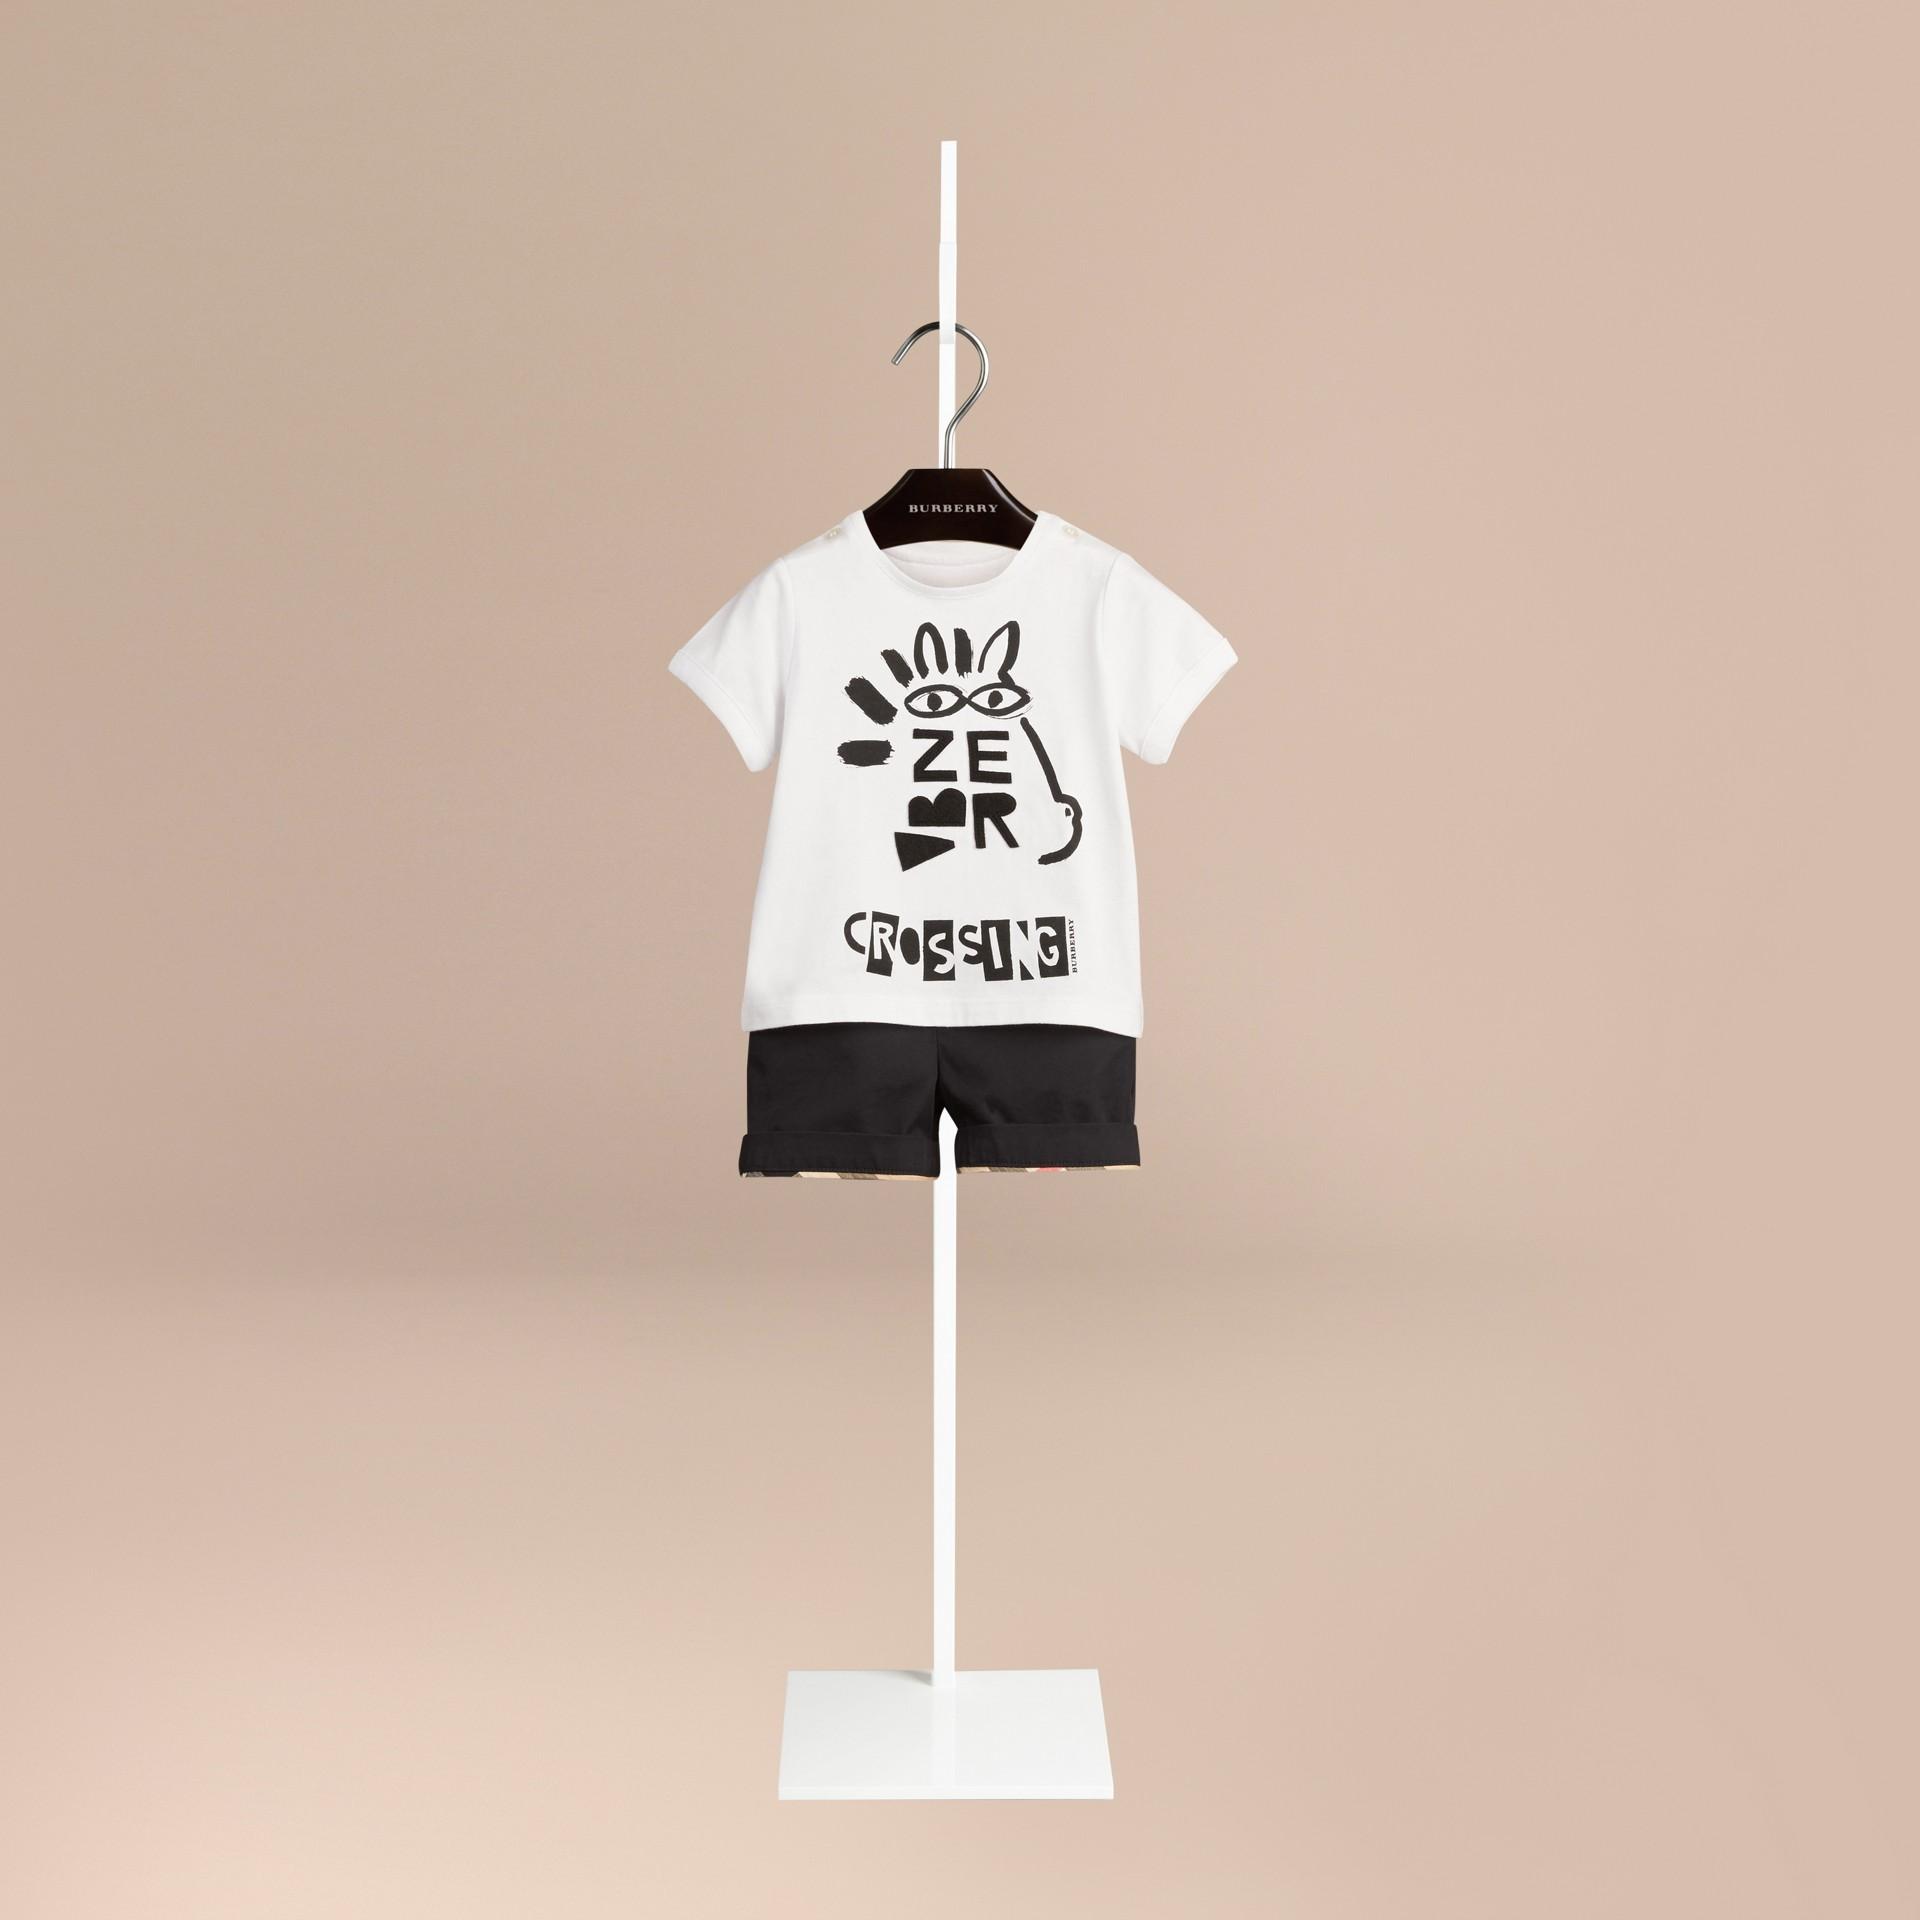 Branco Camiseta de algodão com estampa tipográfica - galeria de imagens 1